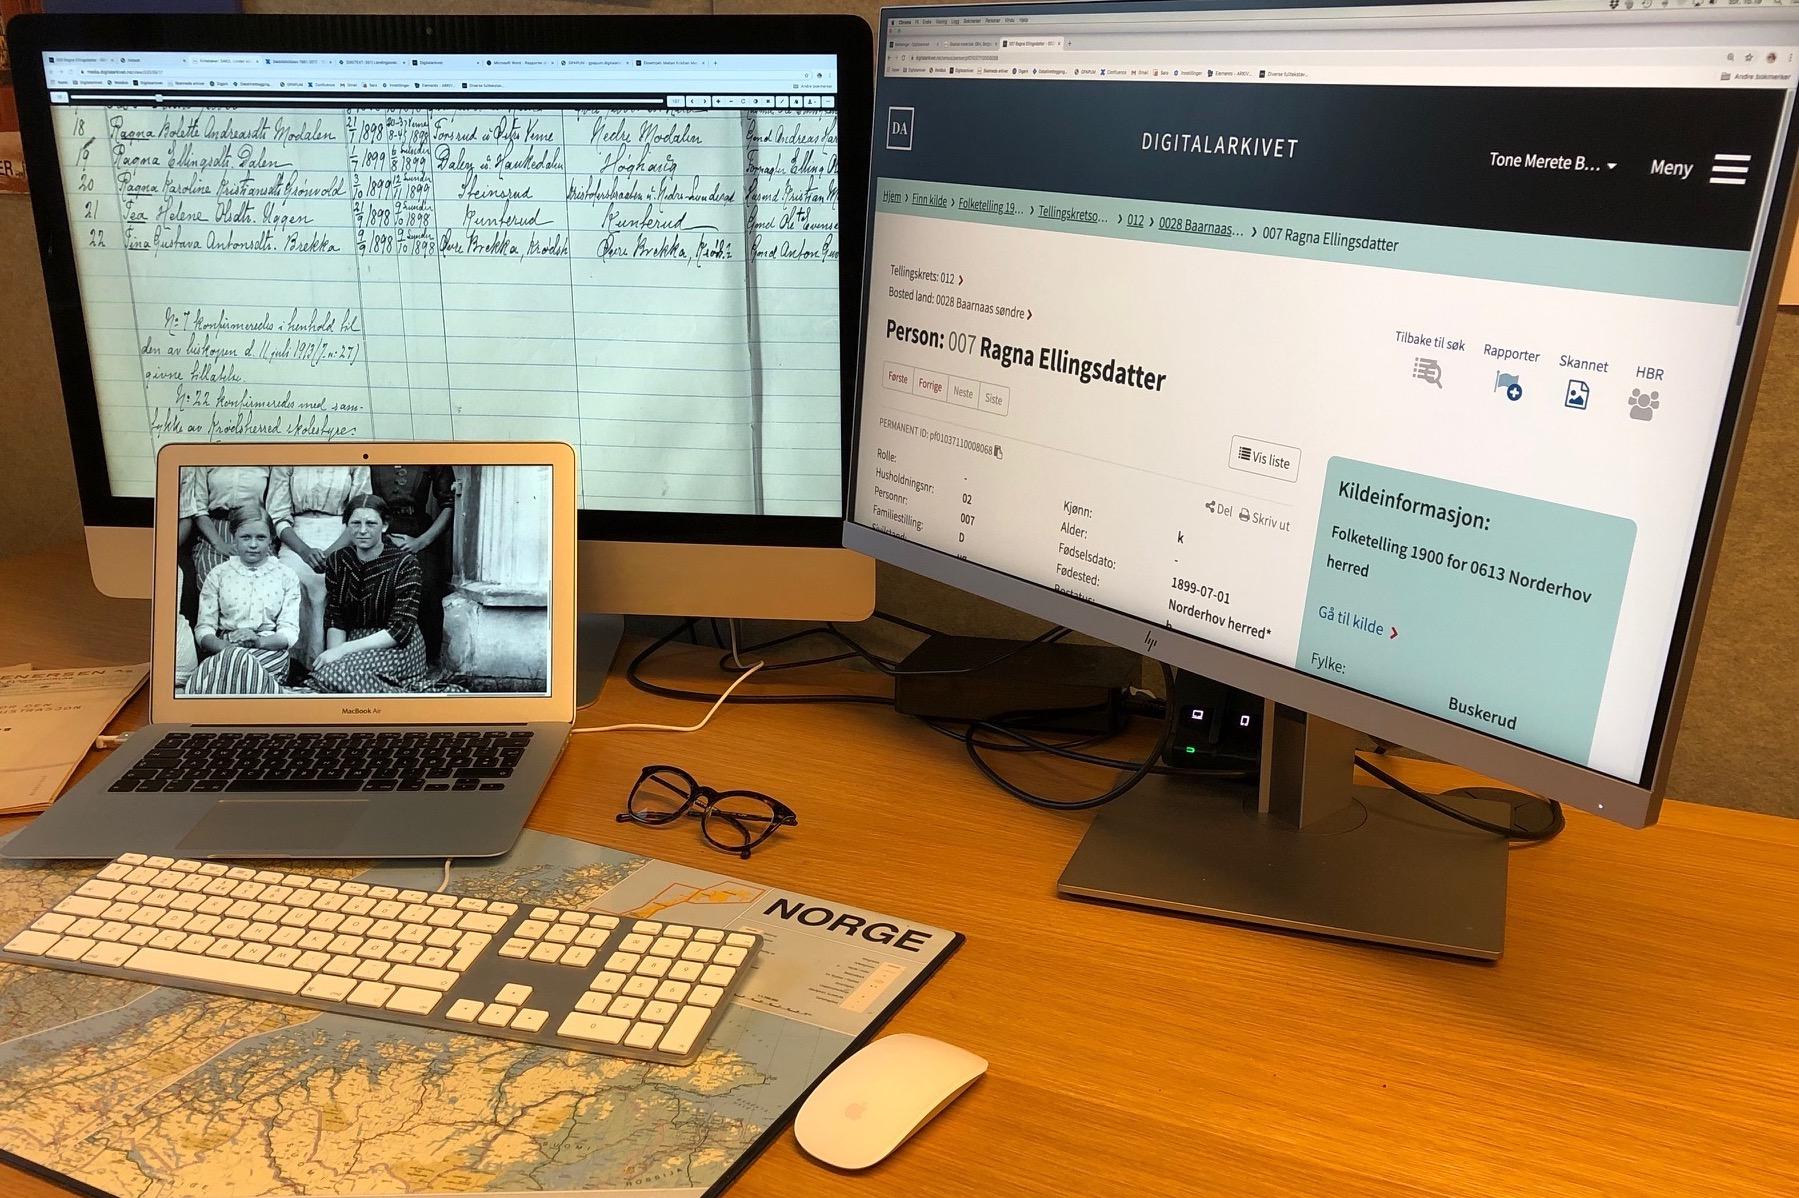 Viser tre skjermer, alle med sider fra Digitalarkivet. Skannet konfirmantliste, treff i 1900-folketellingen og bilde av Ragna Ellingsdatter